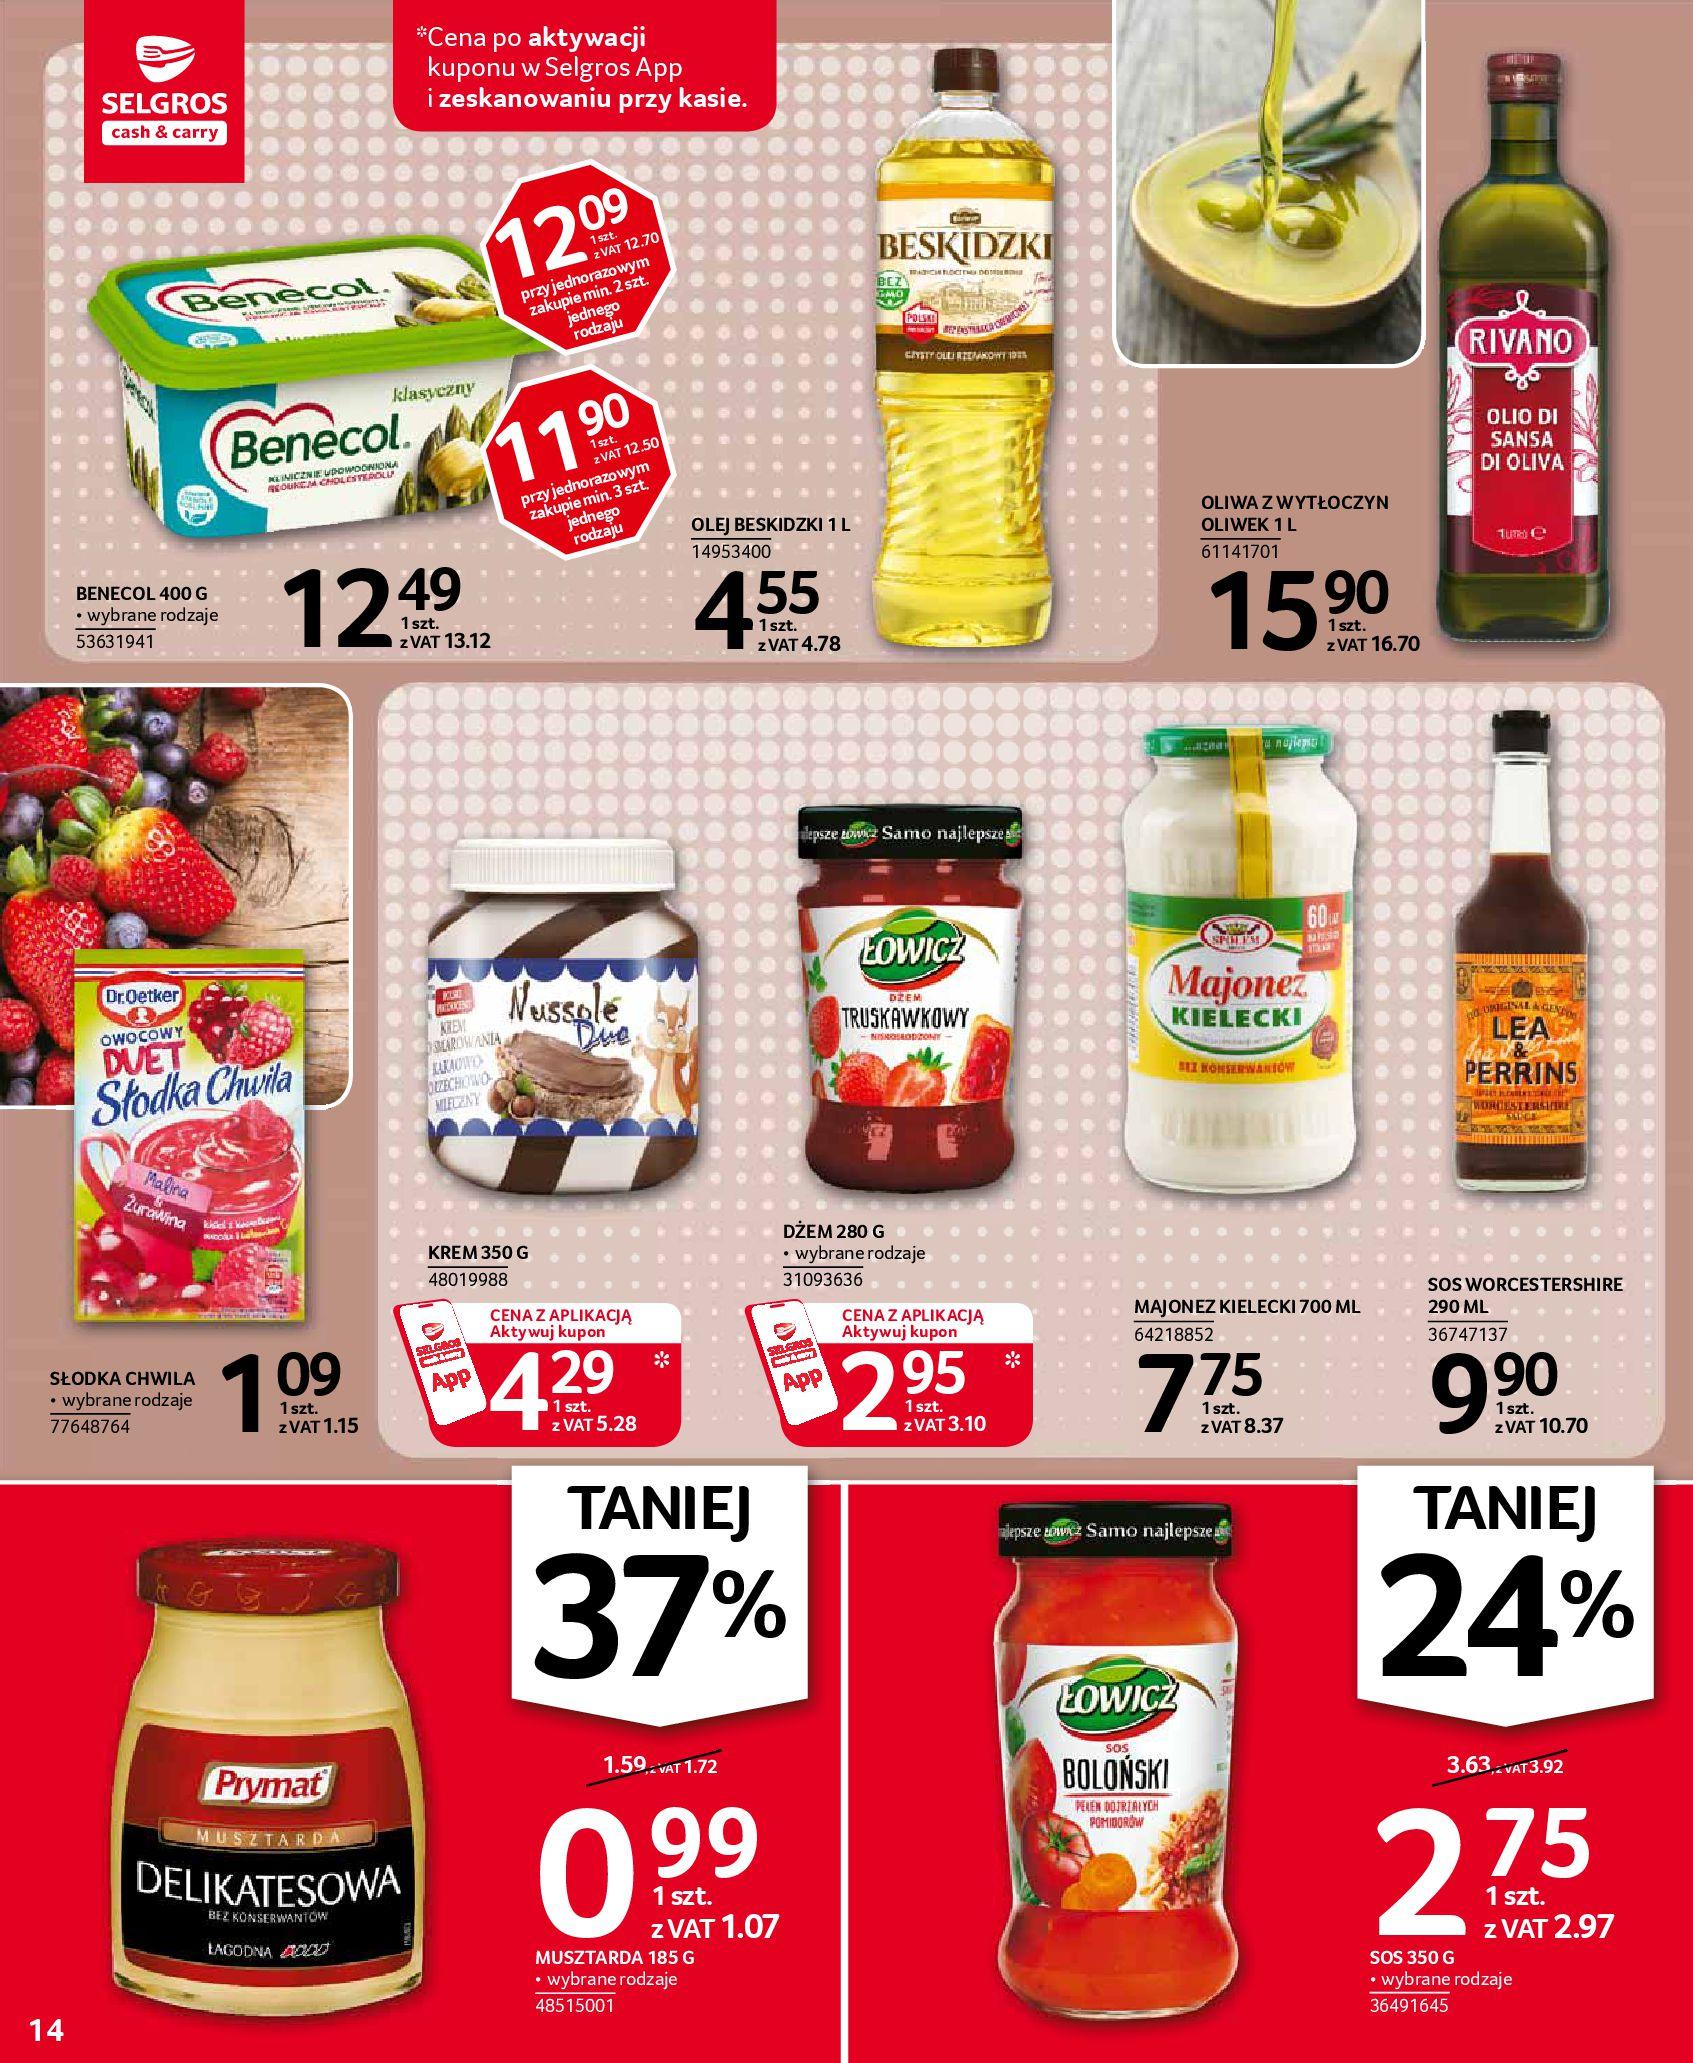 Gazetka Selgros: Oferta spożywcza 2021-01-07 page-14